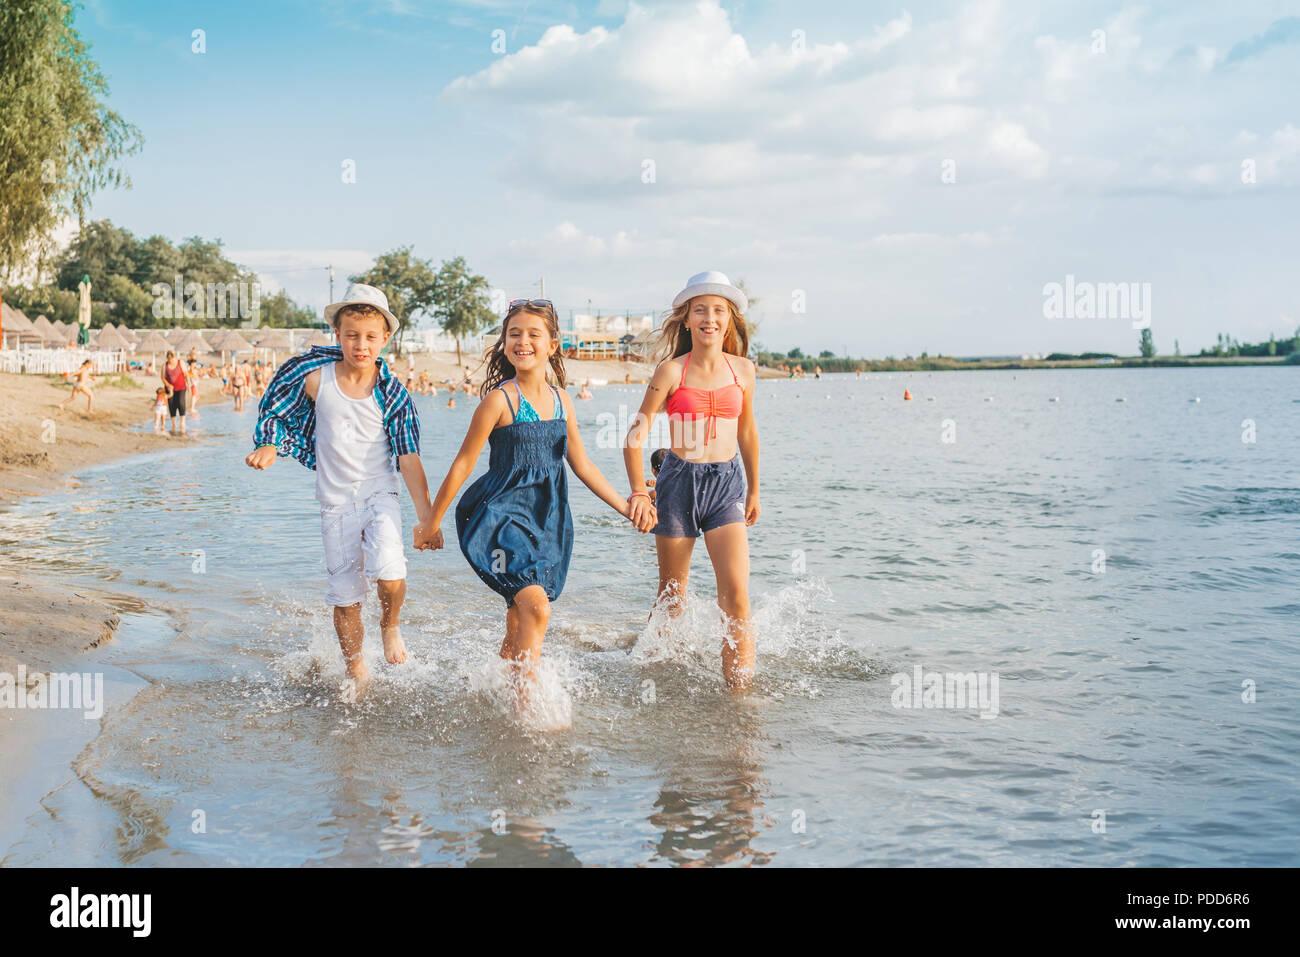 Feliz alegre pequeños niños jugando en el mar, con placer las salpicaduras del agua, disfrutando de sus vacaciones de verano en la playa, viajes y turismo c Imagen De Stock